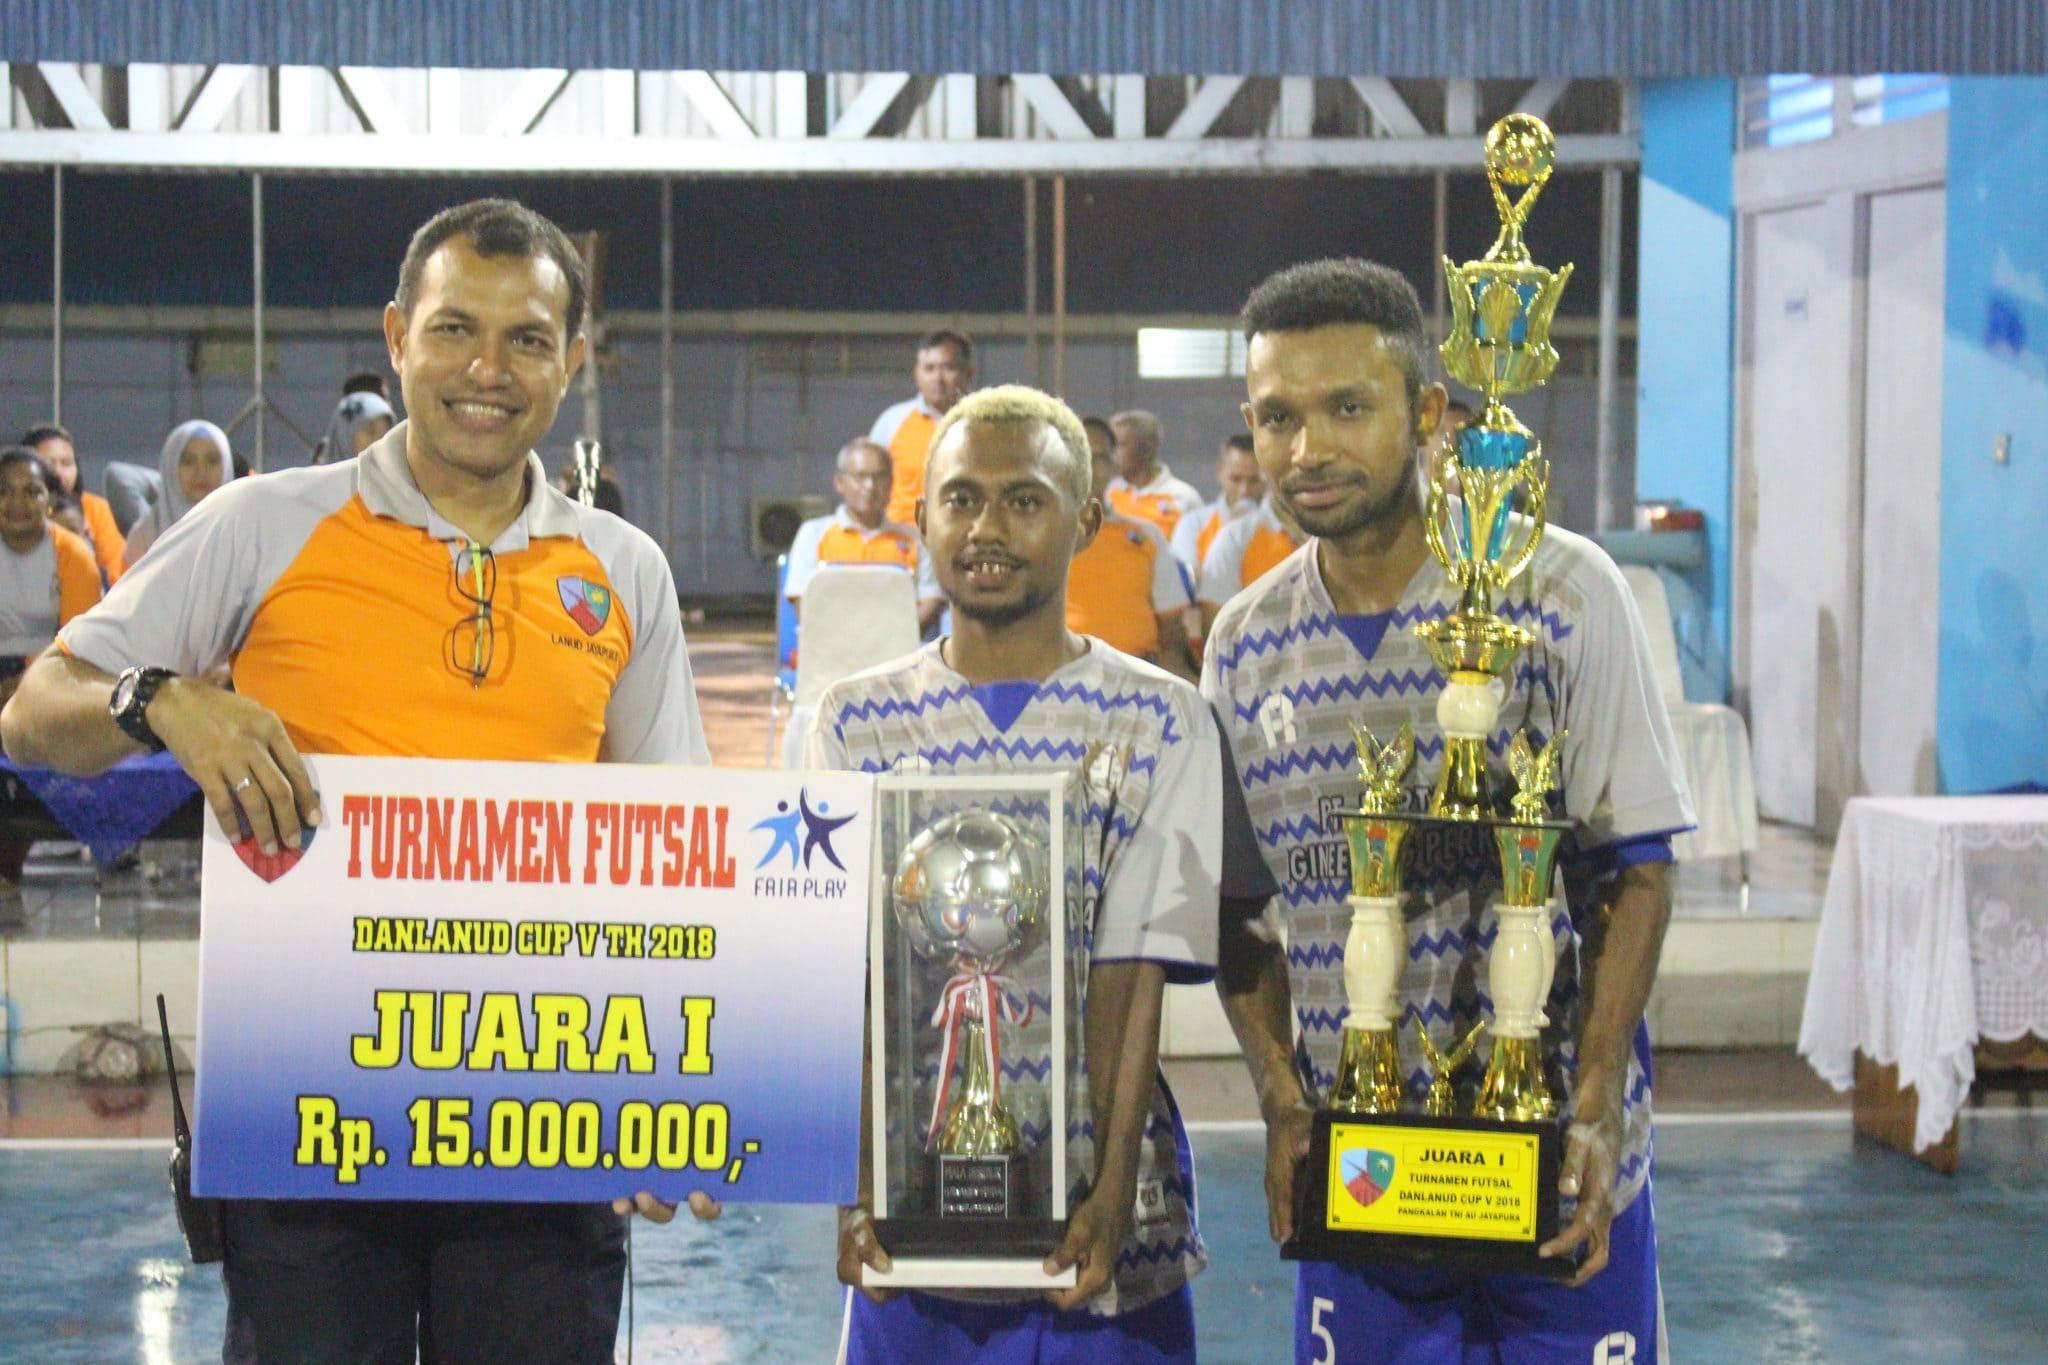 Penutupan Turnamen Futsal Danlanud Cup V di Lanud Jayapura